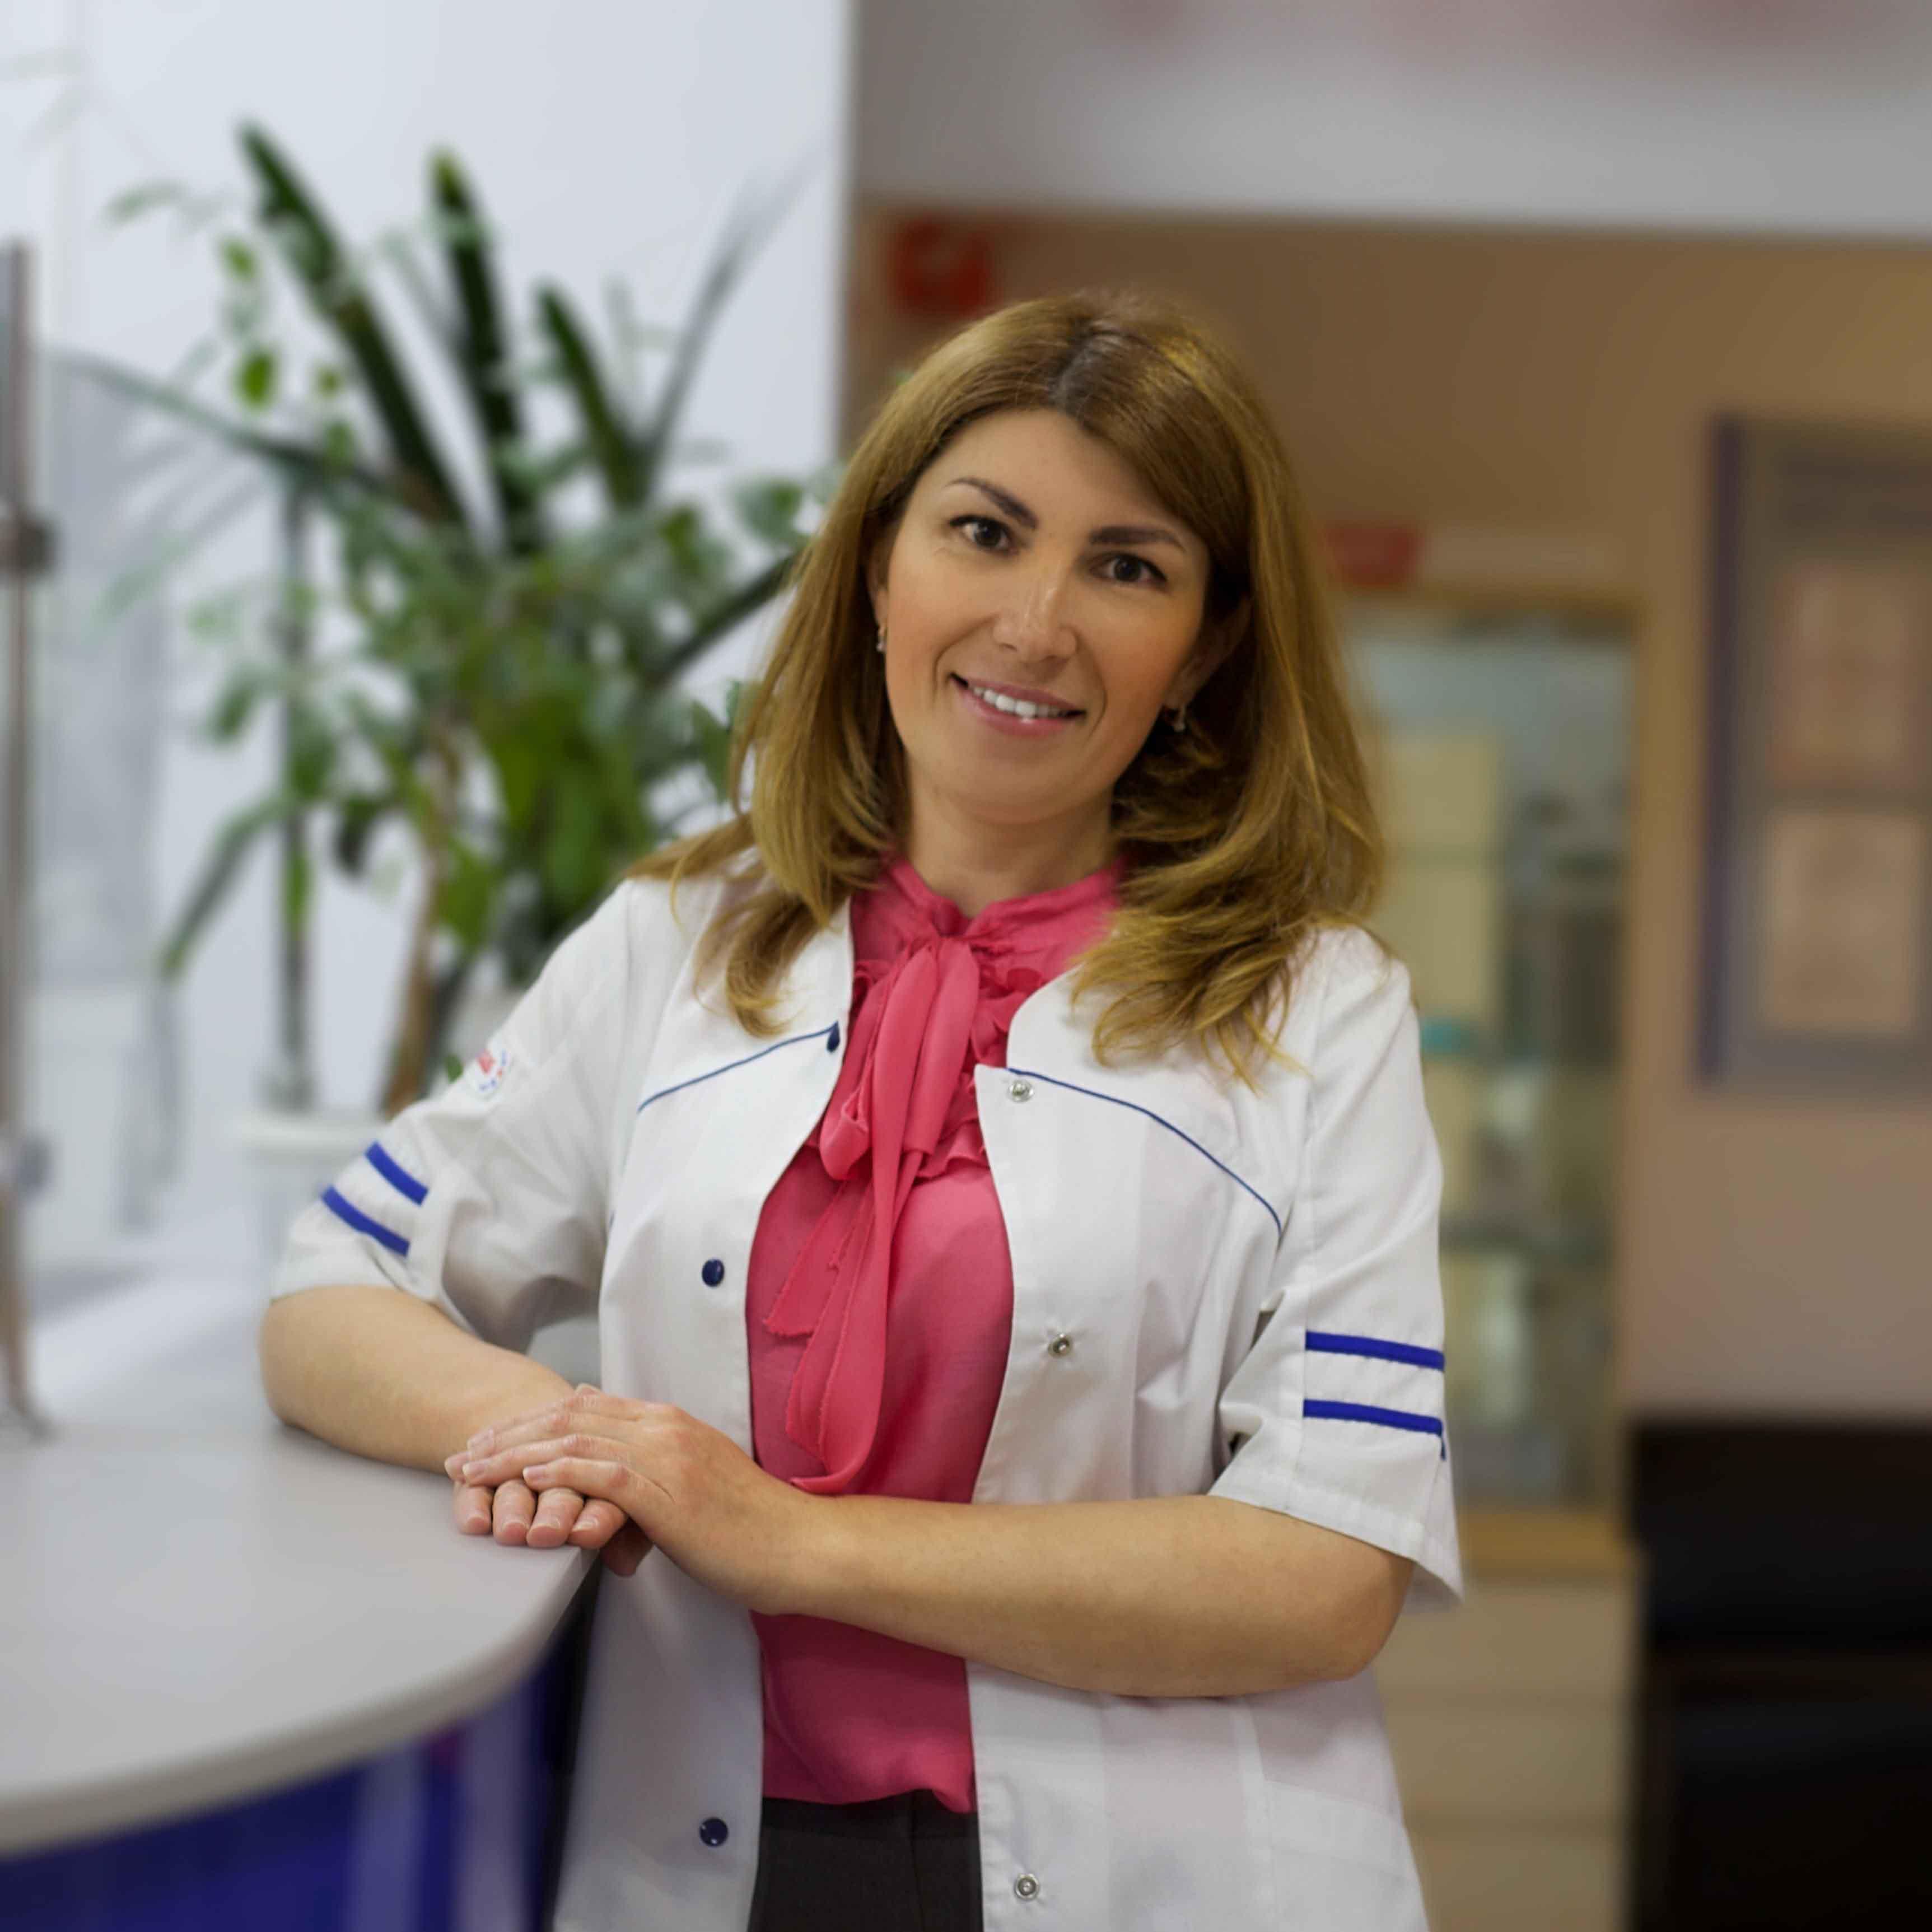 акушер-гинеколог Иваново